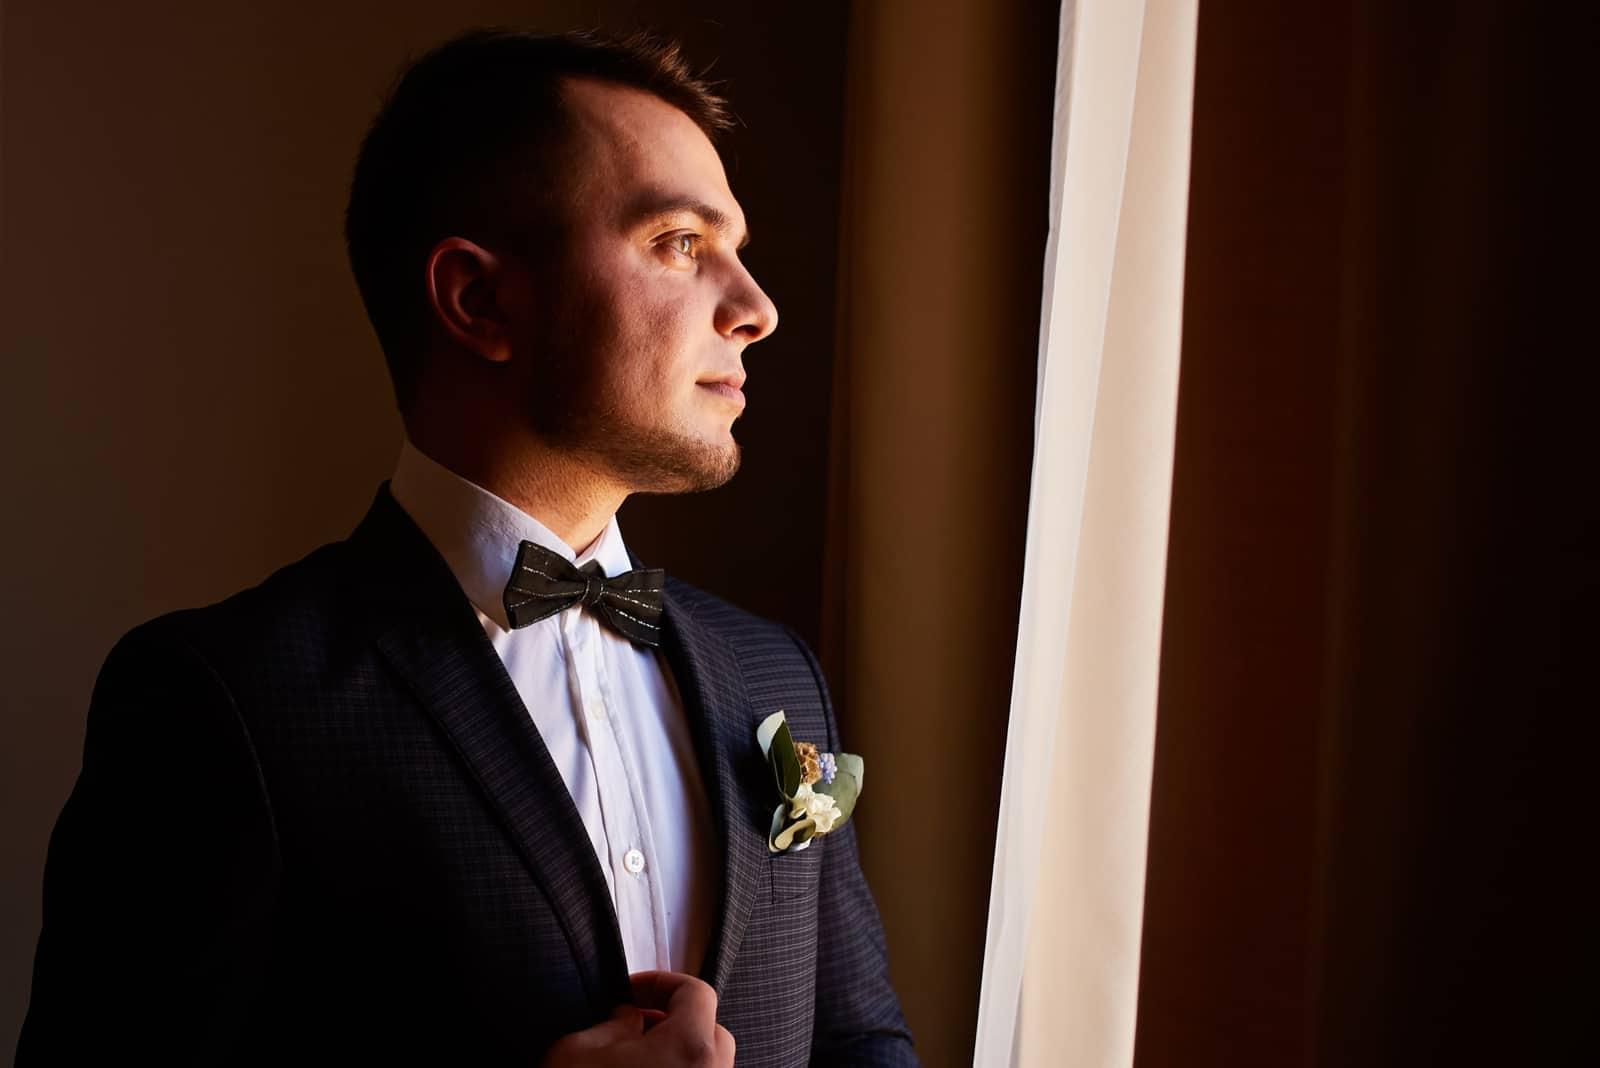 Der Bräutigam schaut aus dem Fenster